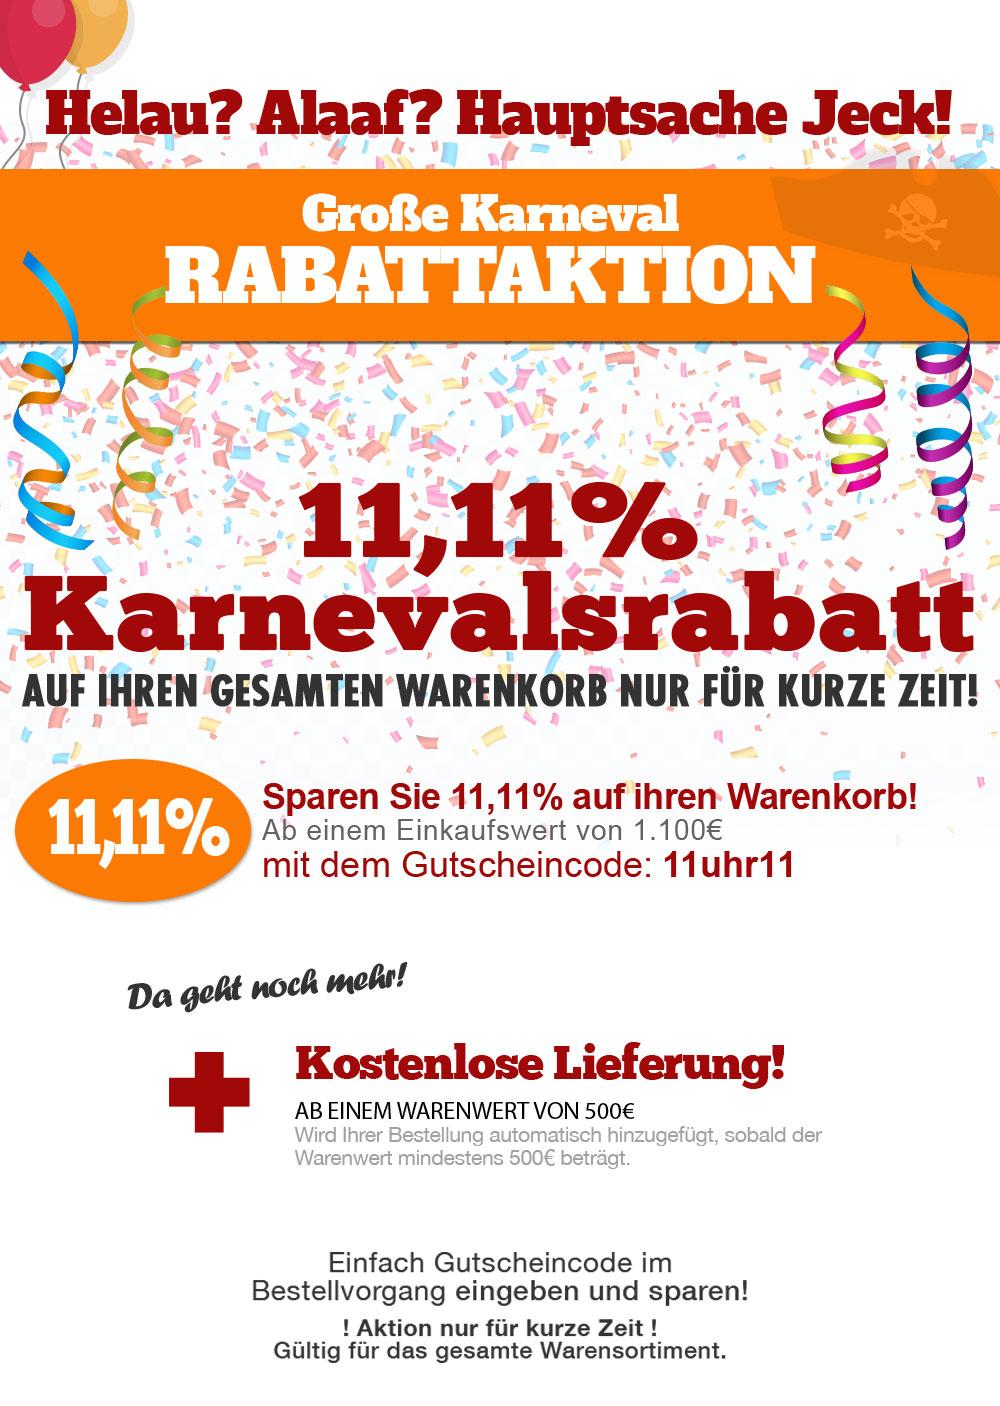 Karnevalsrabatt im Klimaplatten-Shop und 11,11% sparen!